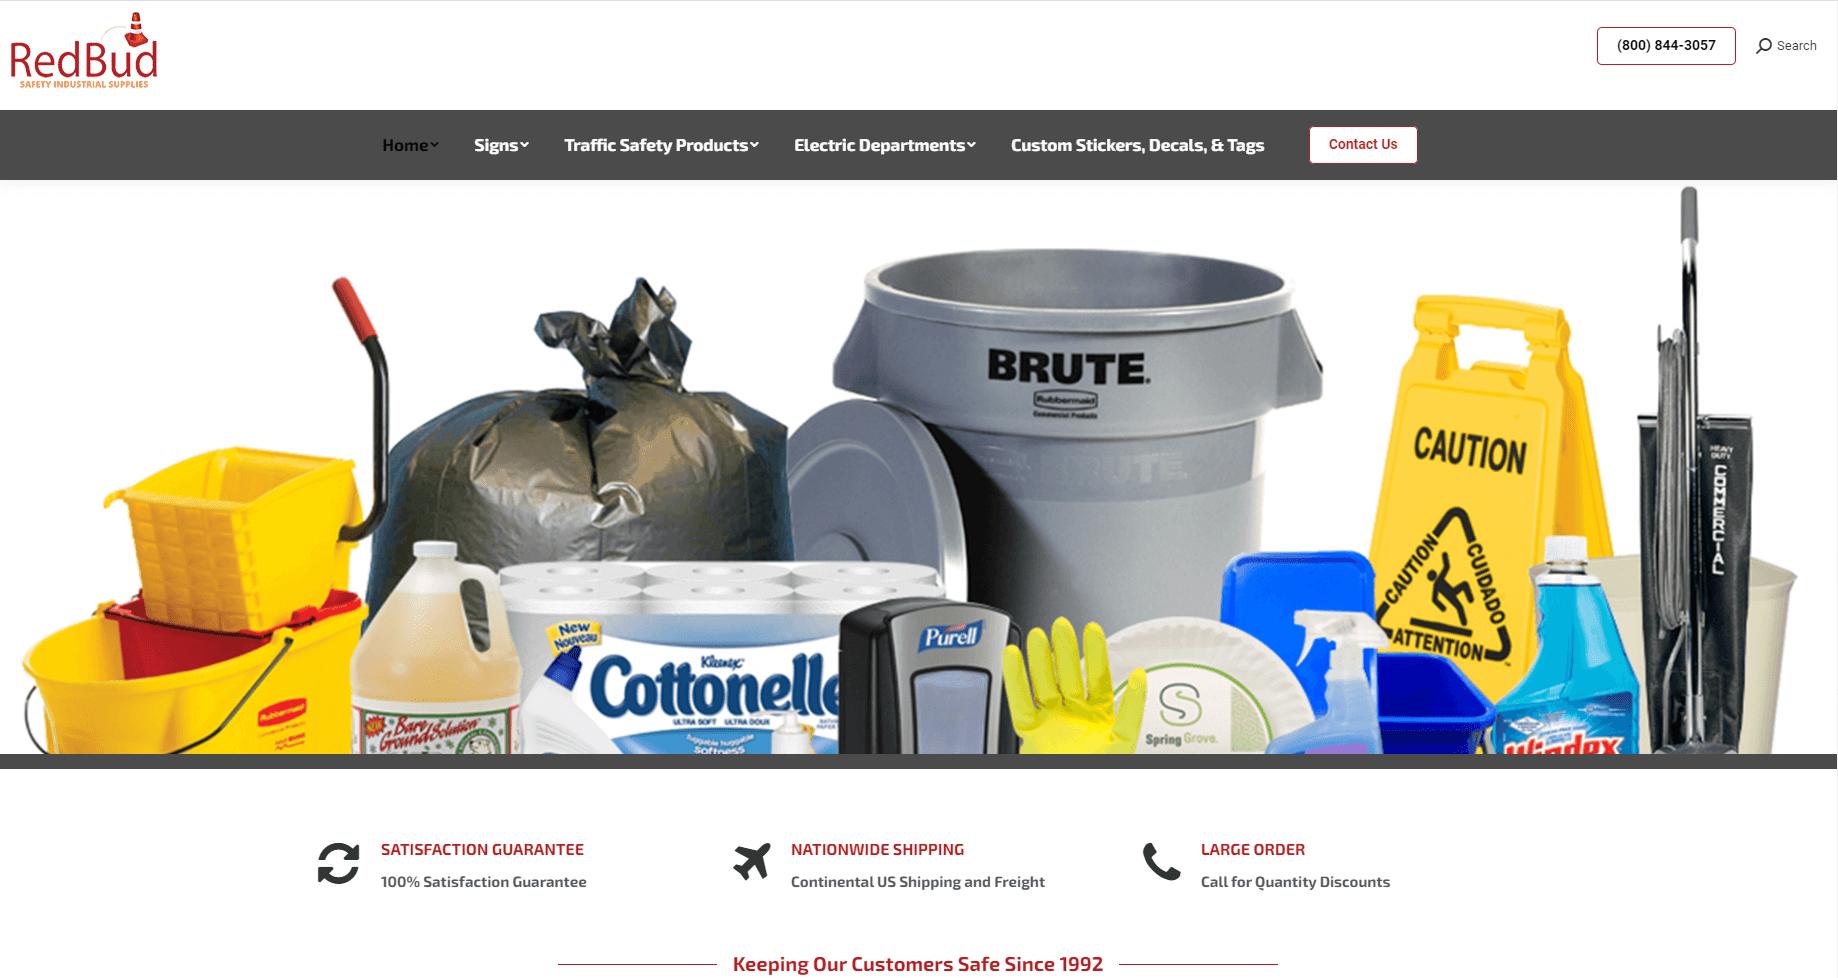 Industrial Supplies website design - RedBud Safety, Belmont, MS